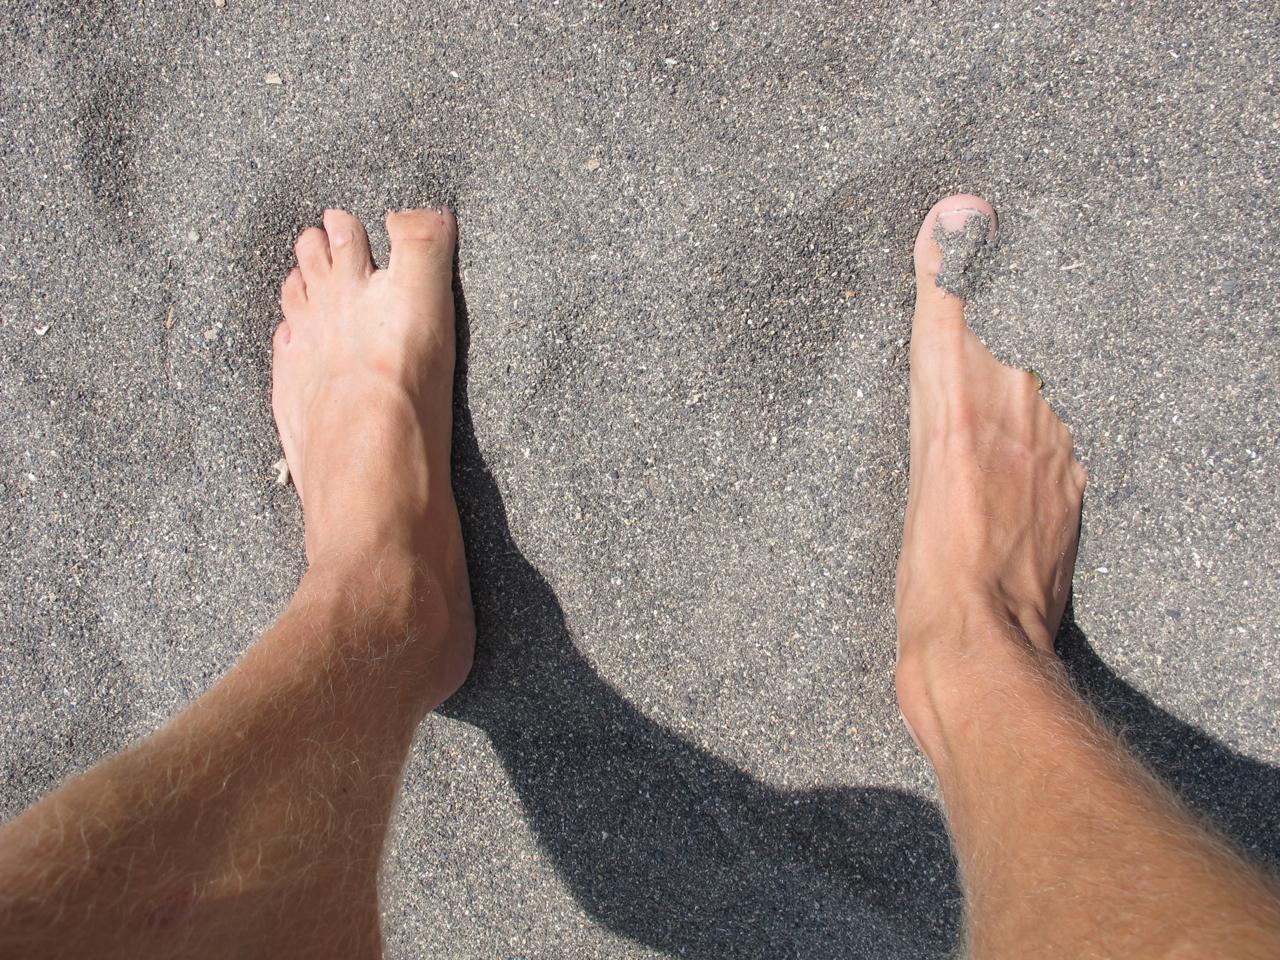 Schwarzer Sandstrand heizt sich dann doch extrem auf, wie die geplagten Fußsohlen äußerst schnell zu spüren kriegen.